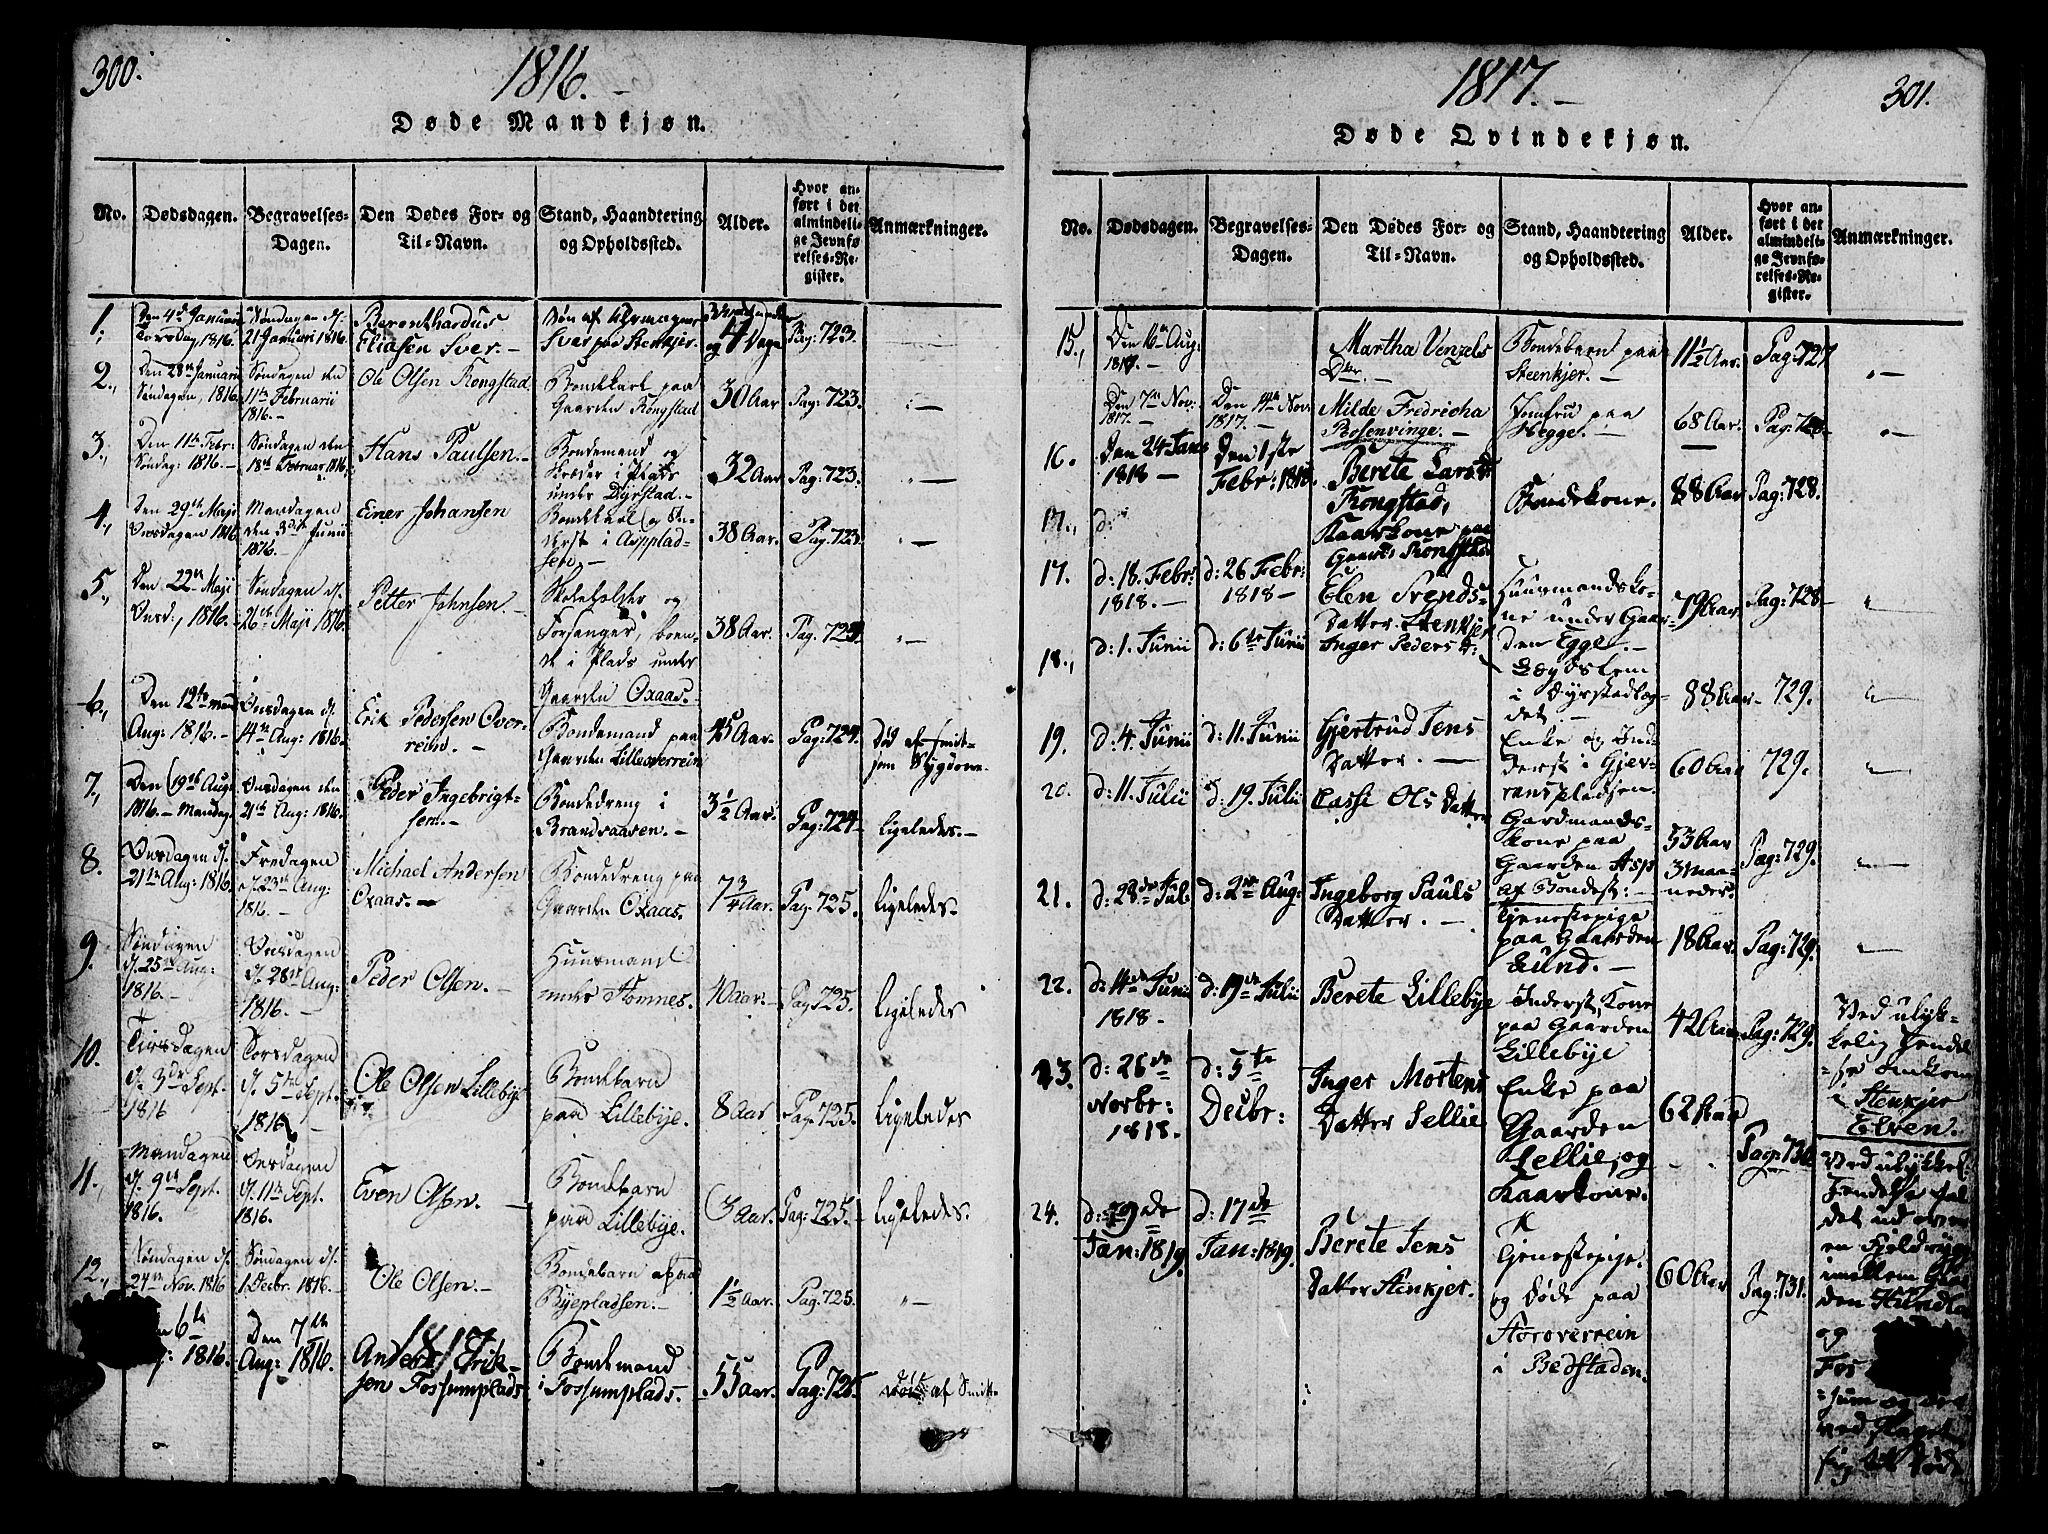 SAT, Ministerialprotokoller, klokkerbøker og fødselsregistre - Nord-Trøndelag, 746/L0441: Ministerialbok nr. 736A03 /3, 1816-1827, s. 300-301